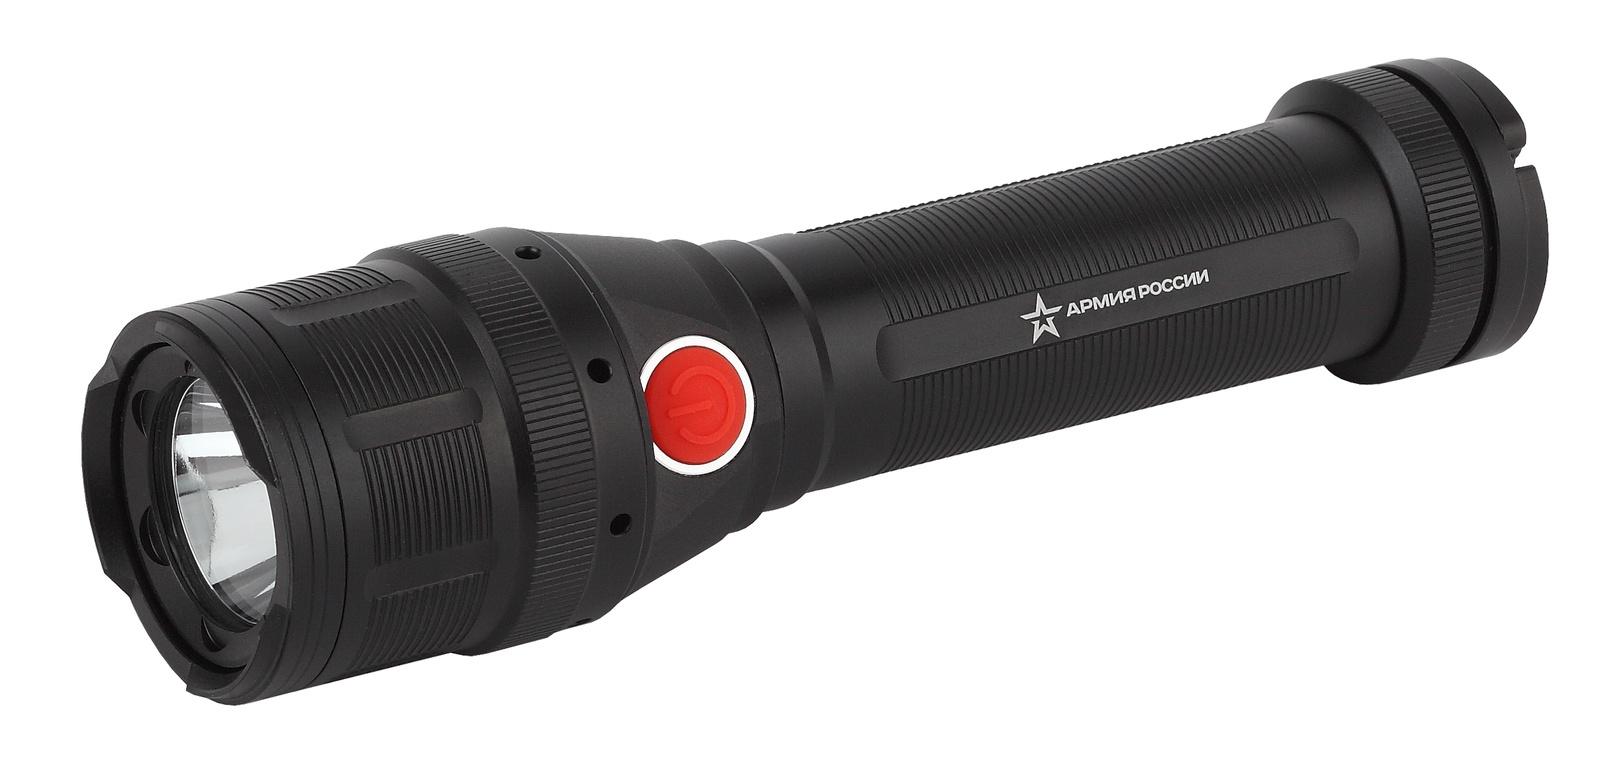 Светодиодный фонарь ЭРА MB-902 АРМИЯ РОССИИ Буря, 5Вт LED+COB, 3 режима, черный фонарь ручной армия россии mb 603 чёрный